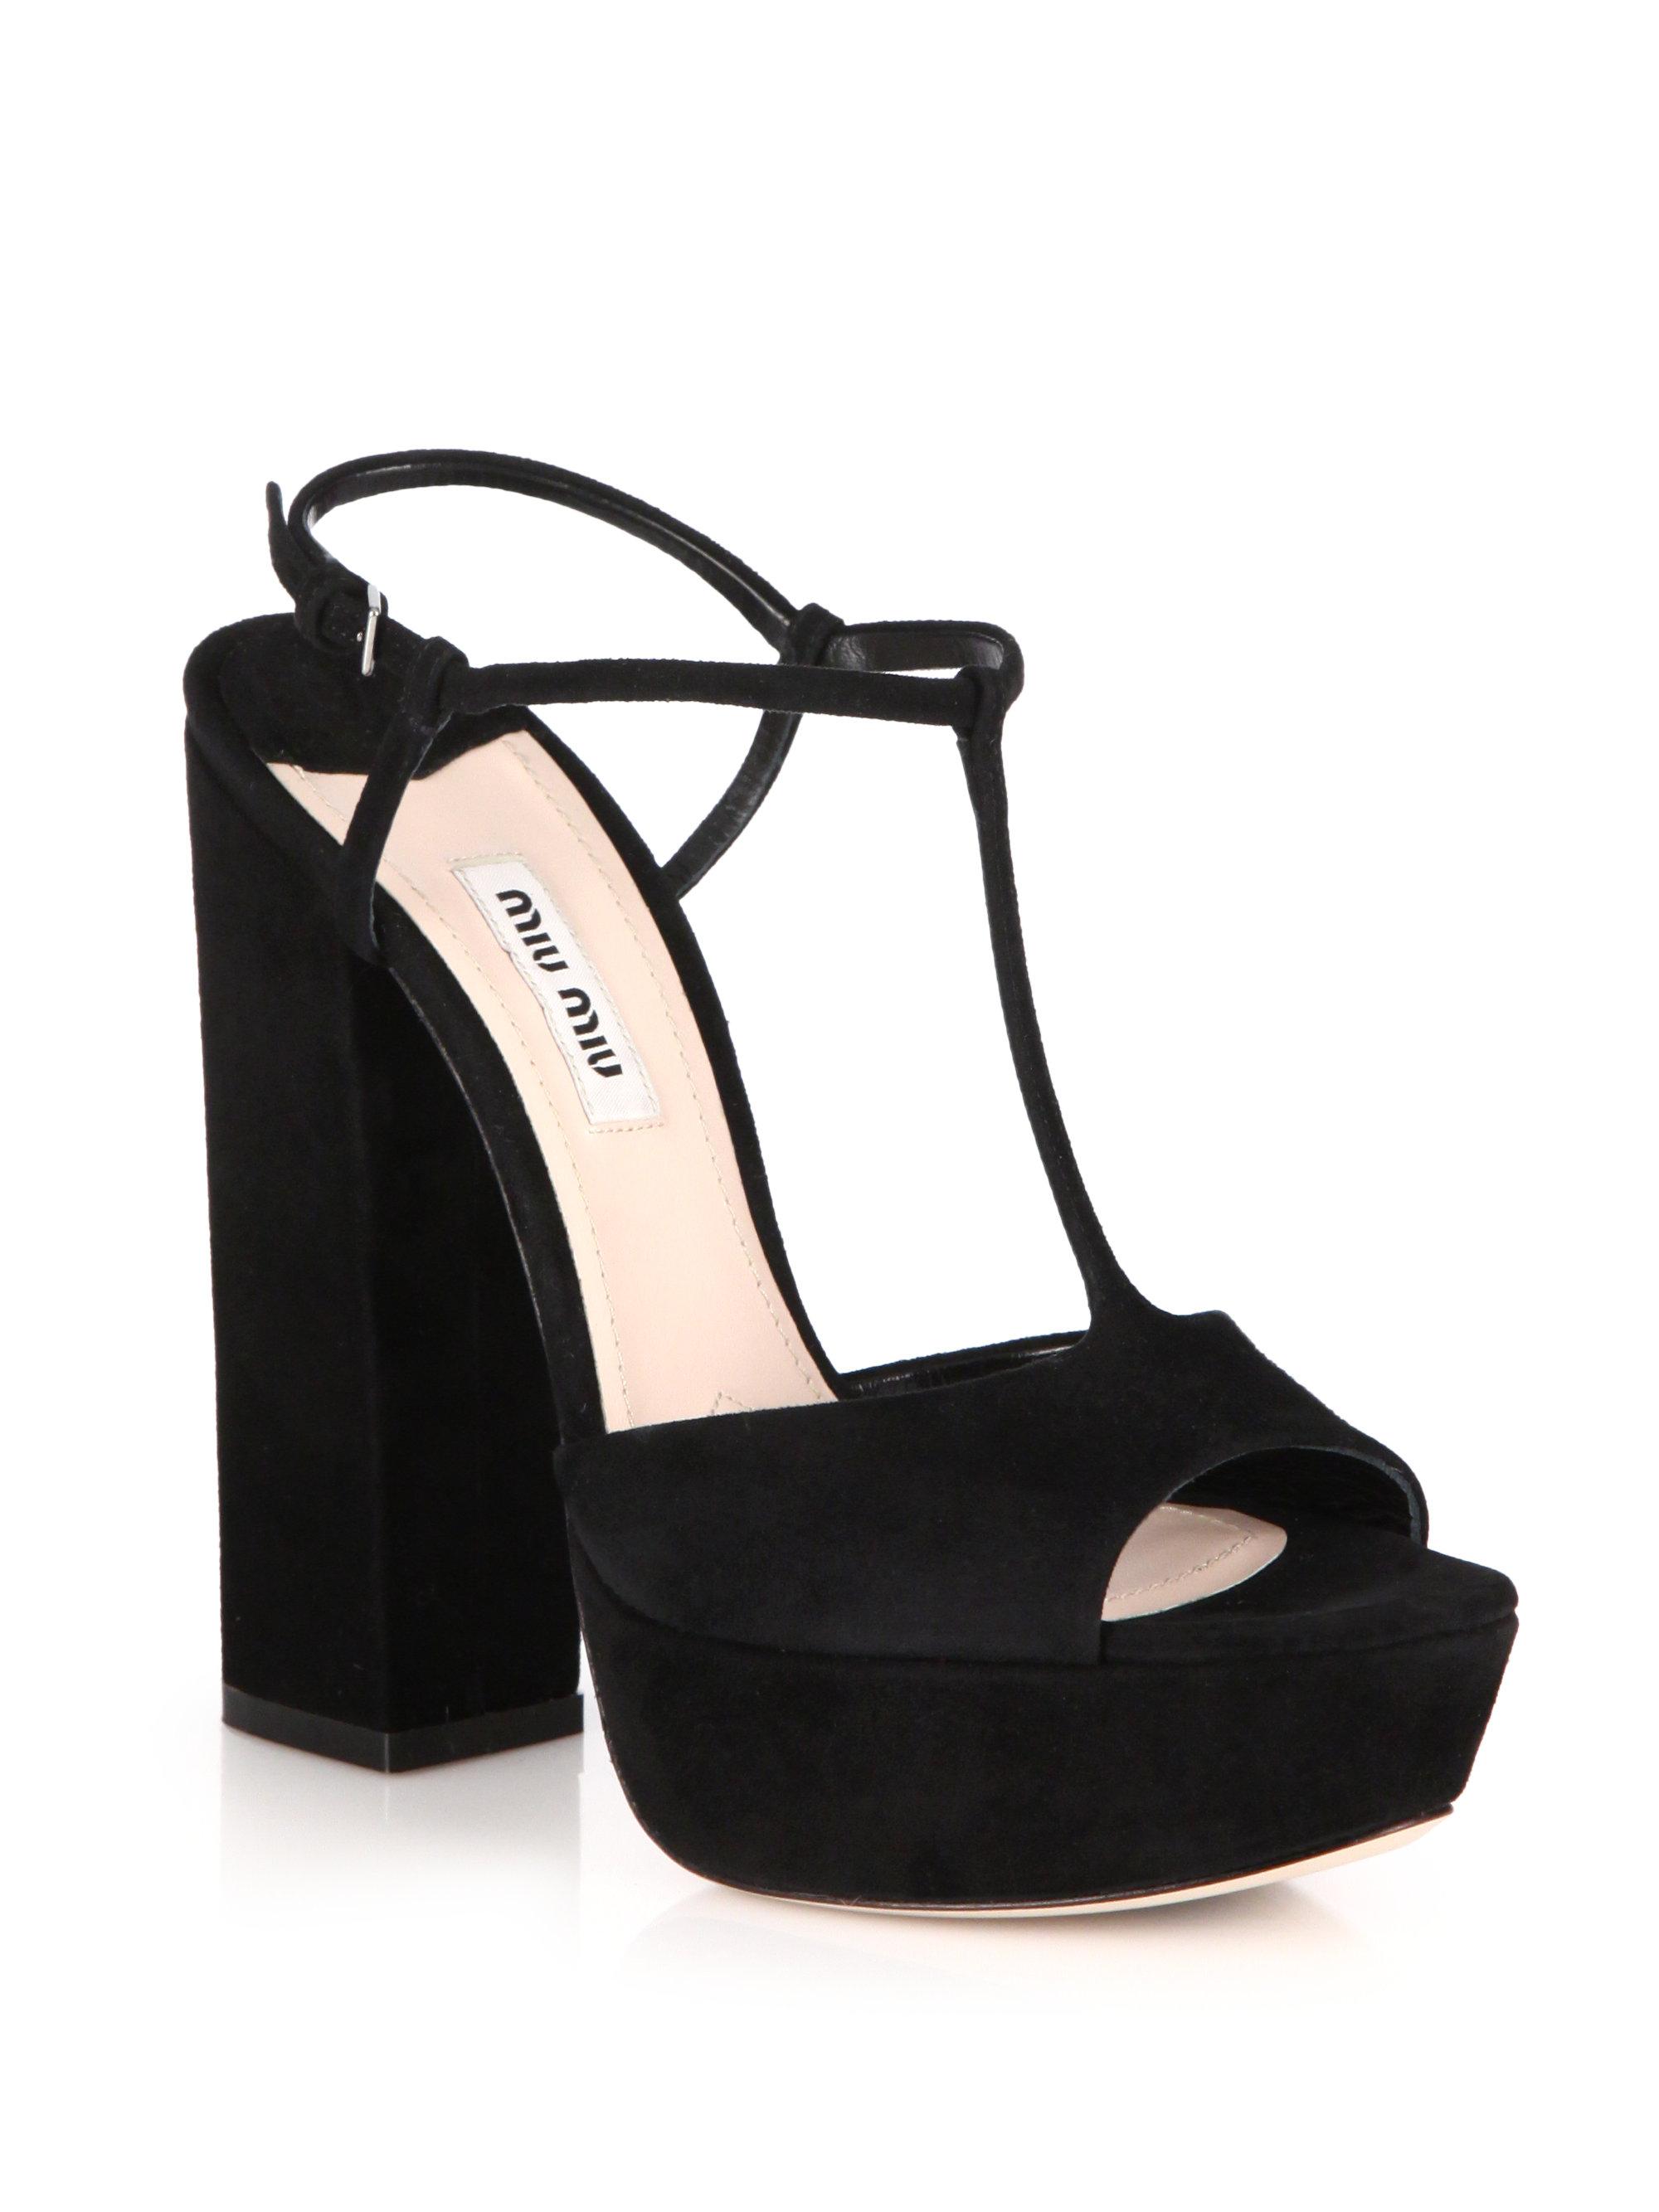 91da2c20c Lyst - Miu Miu Suede Platform Sandals in Black